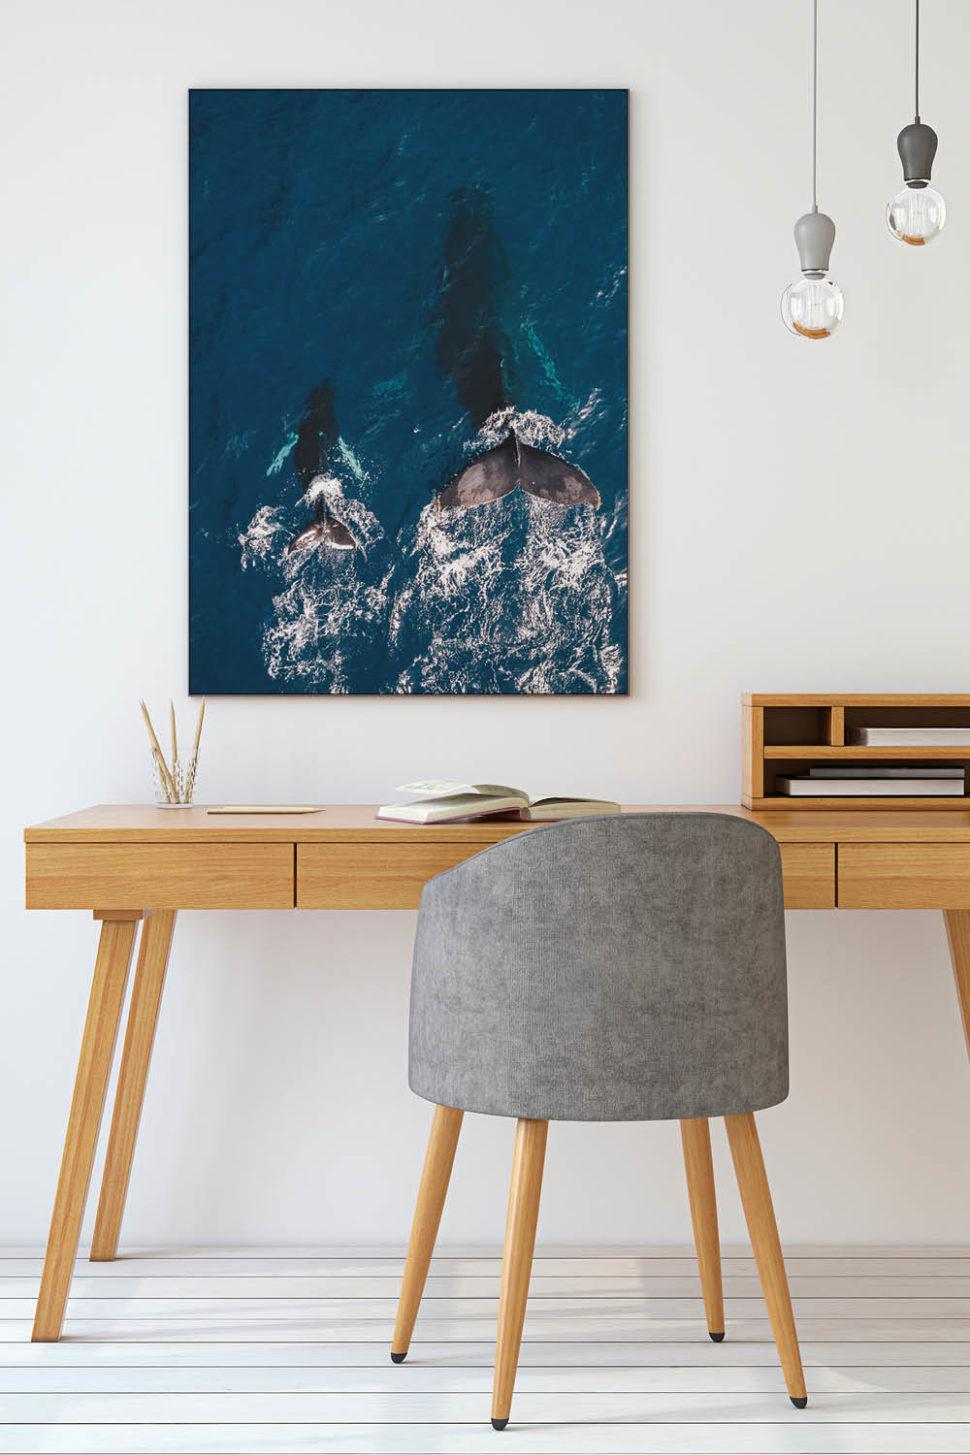 Home Office einrichten mit stimmungsvollen Wandbildern